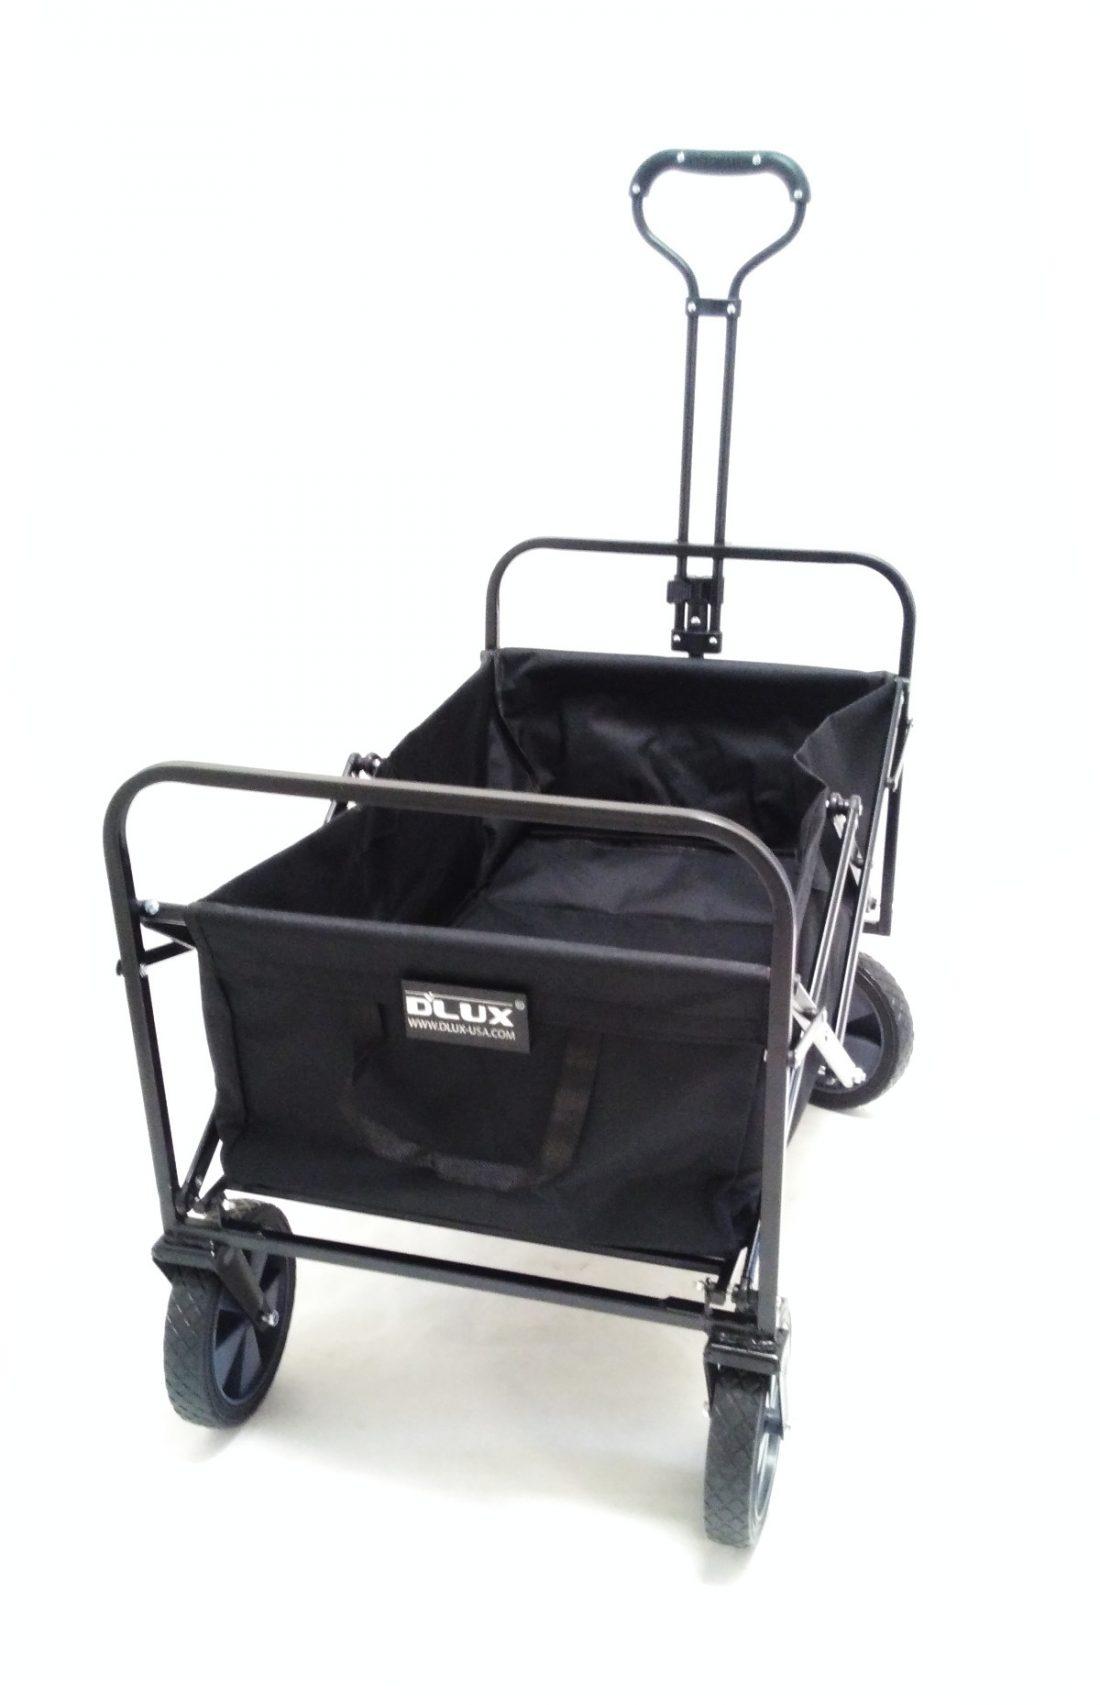 Wagon Blk1